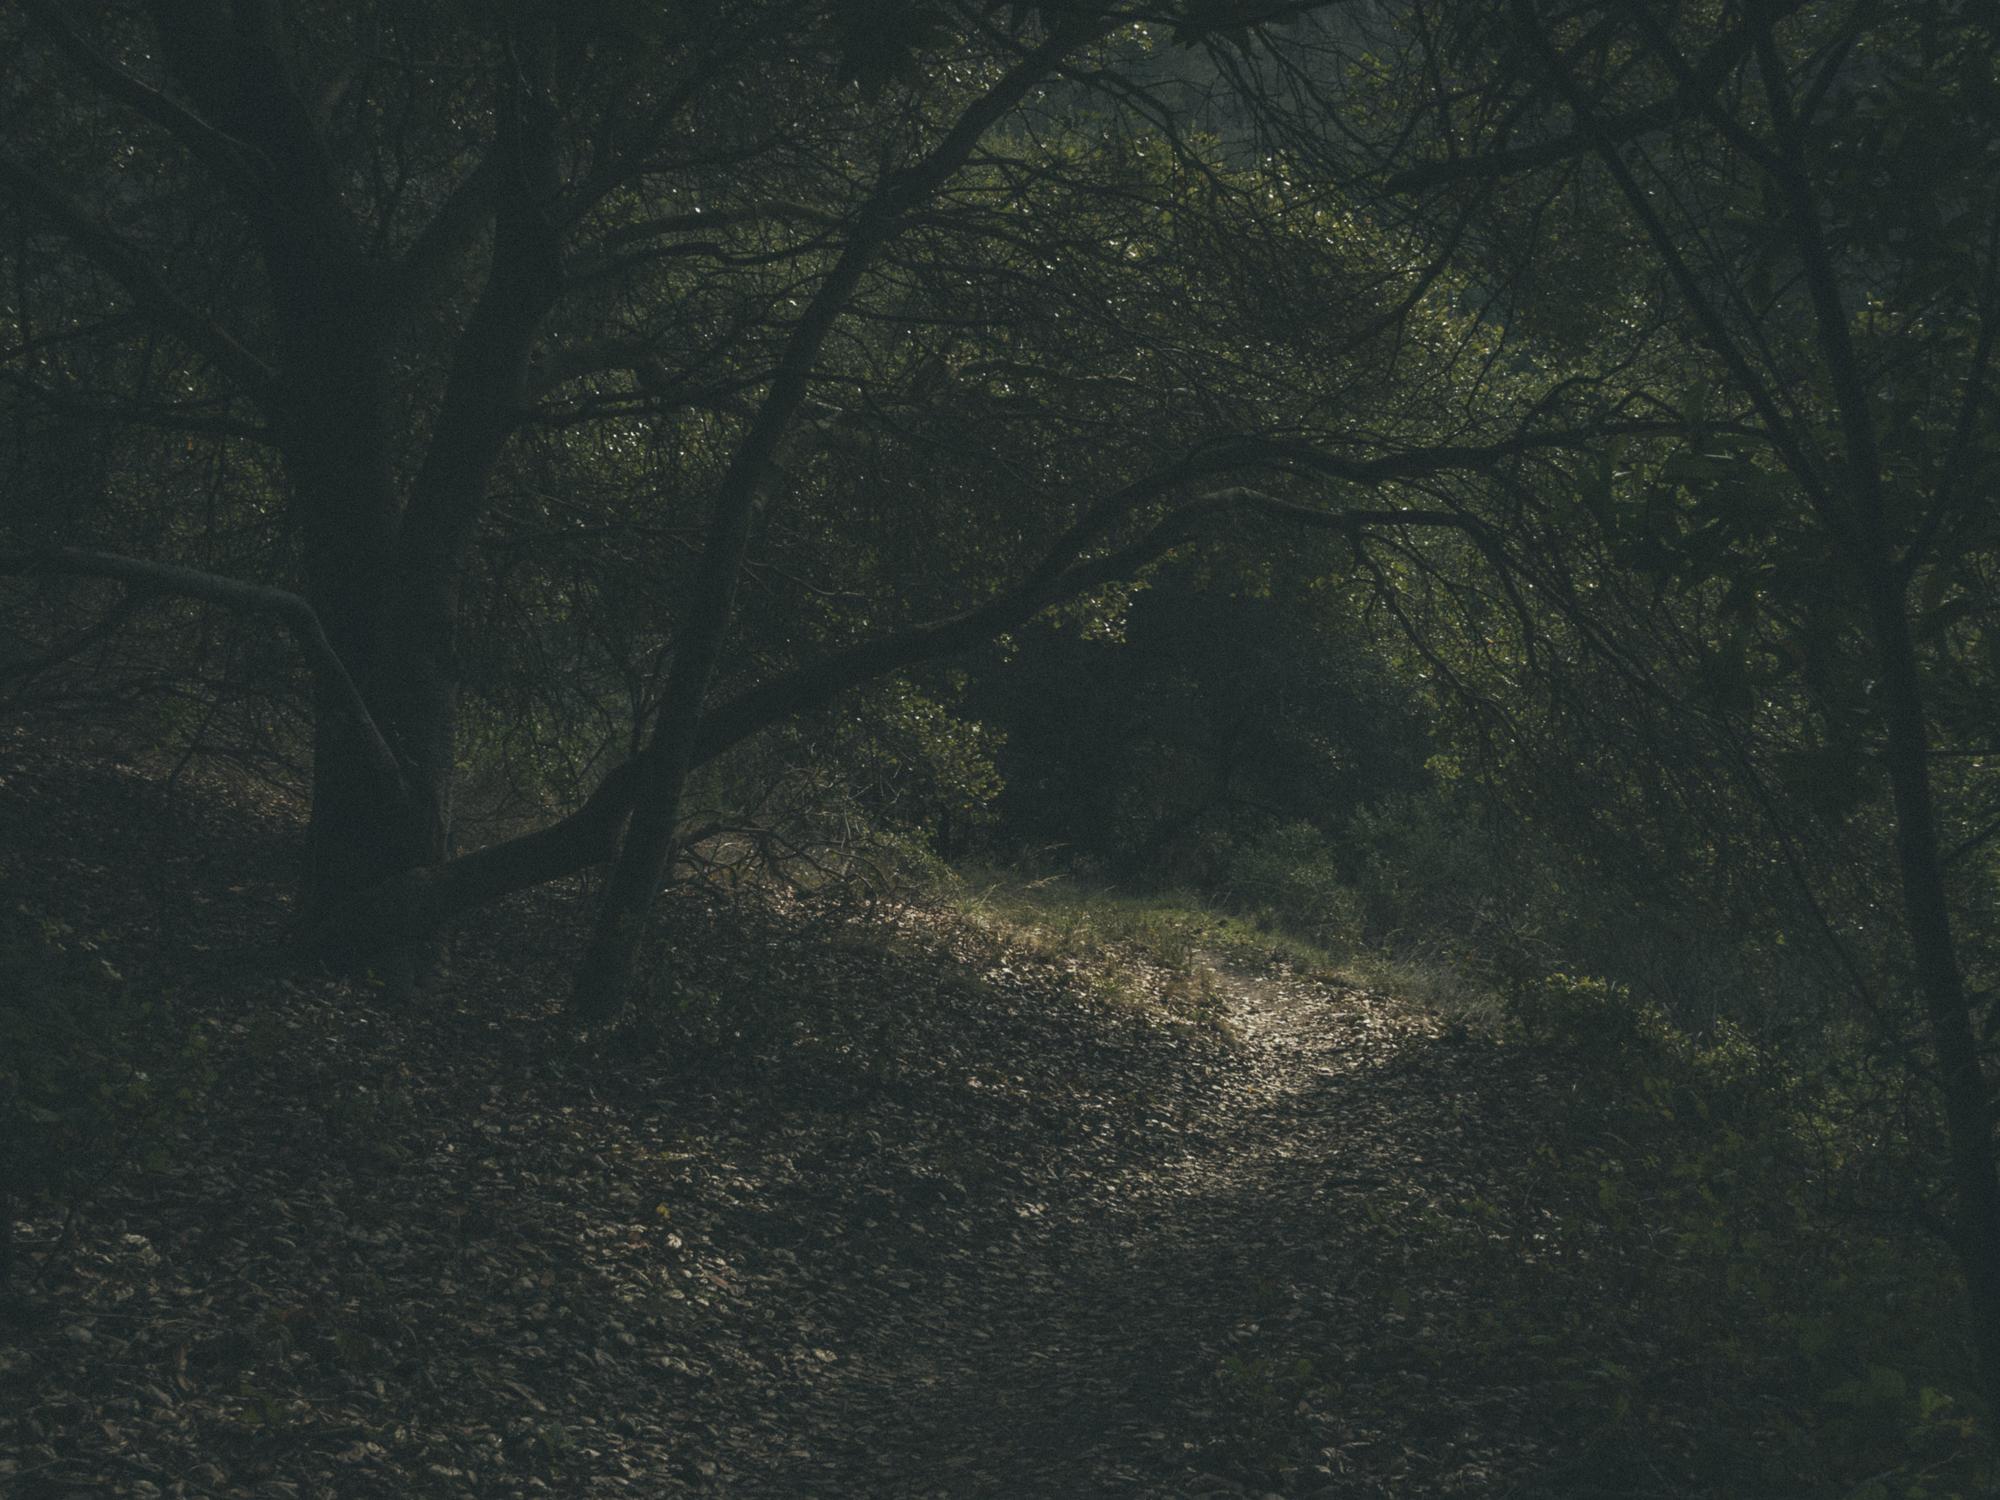 Woods-5448.jpg